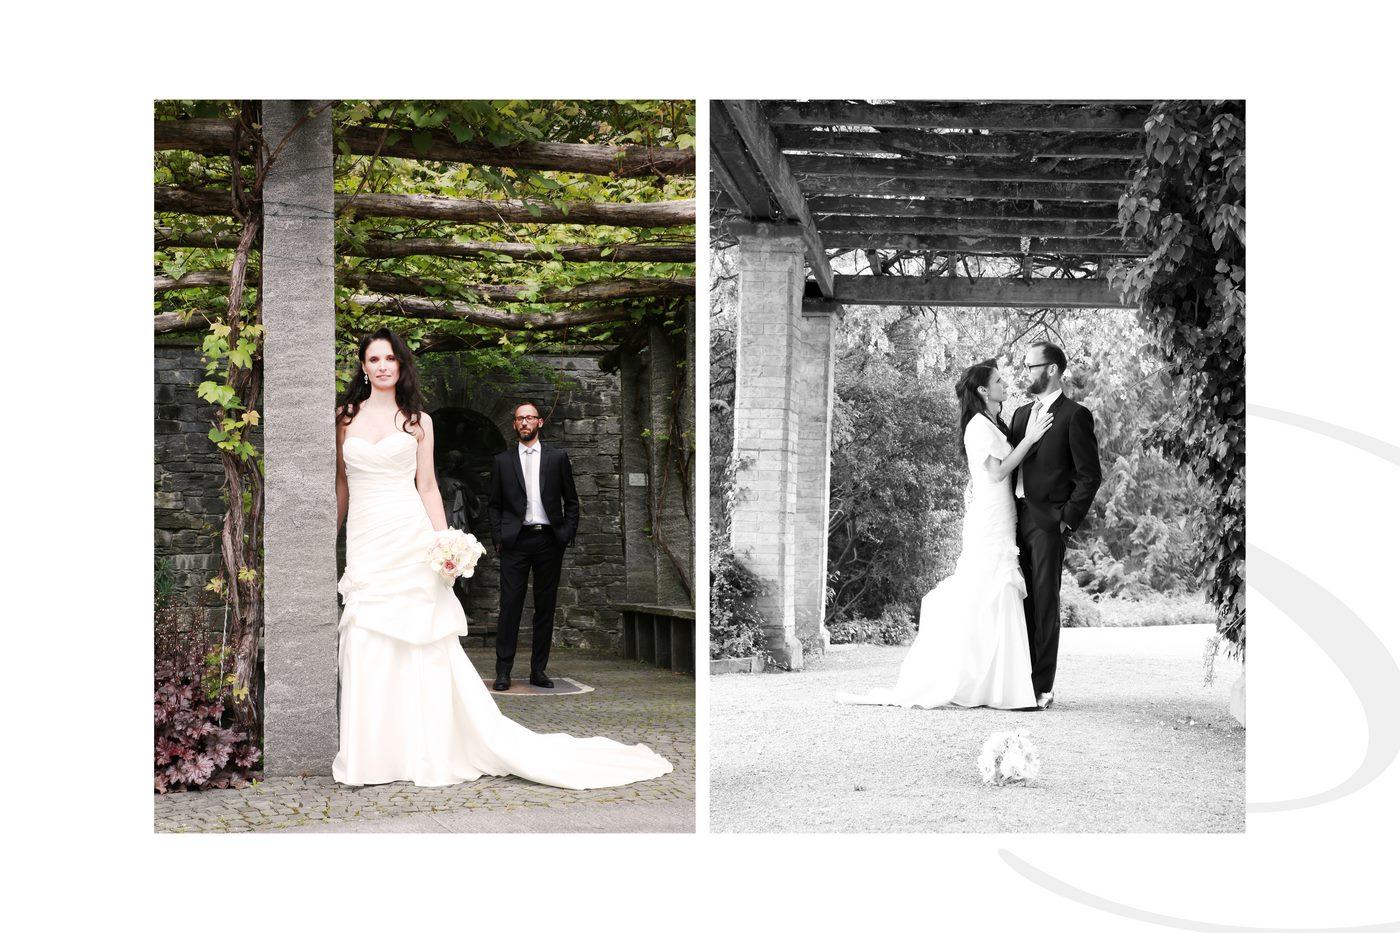 Brautpaar beim Fotoshooting auf der Insel Mainau am Bodensee